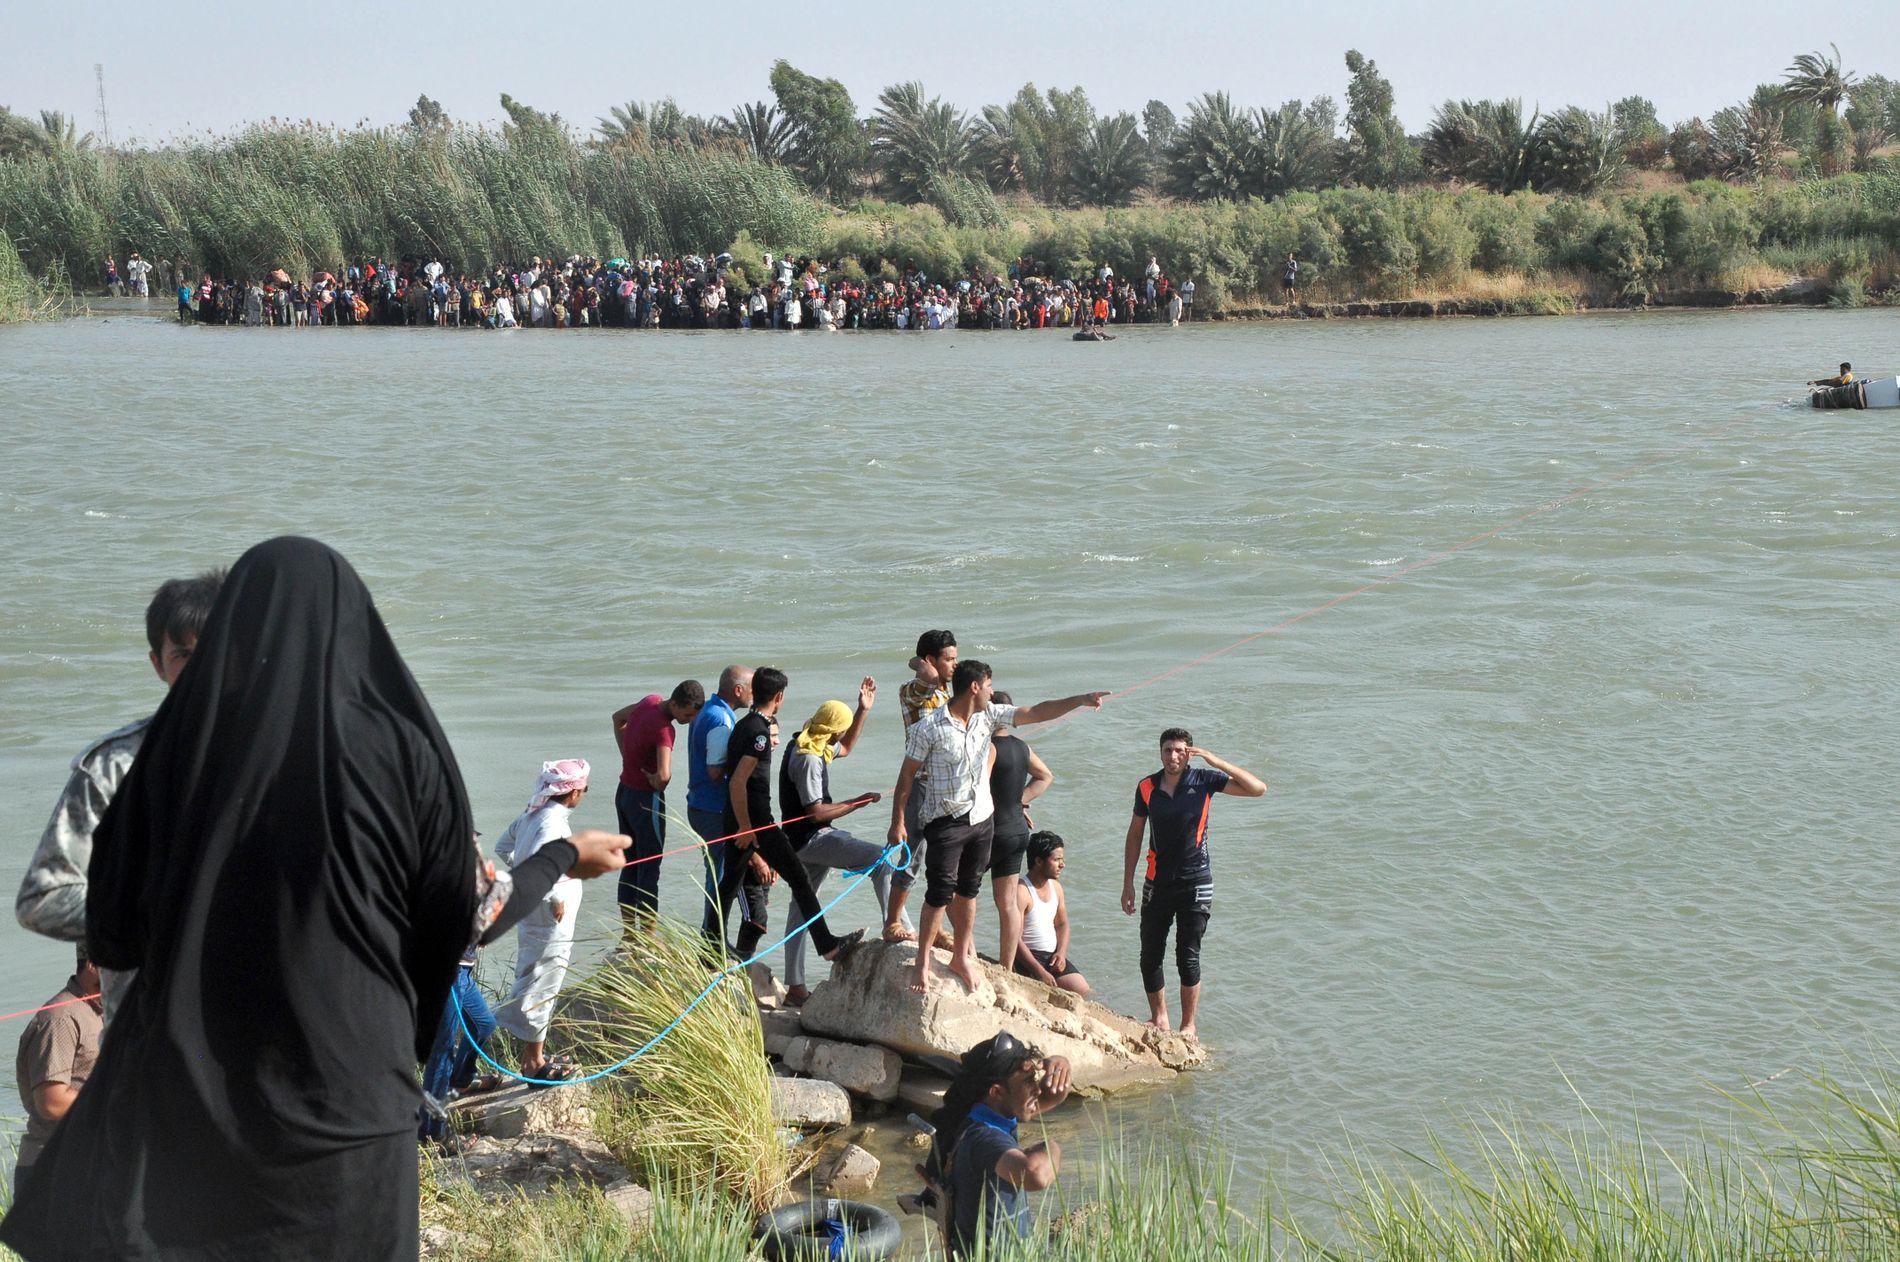 PÅ FLUKT: Sivile står ved Eufrats bredder. De må krysse elven for å komme seg bort fra krigshandlingene i Fallujah. Bildet er tatt 2.juni.